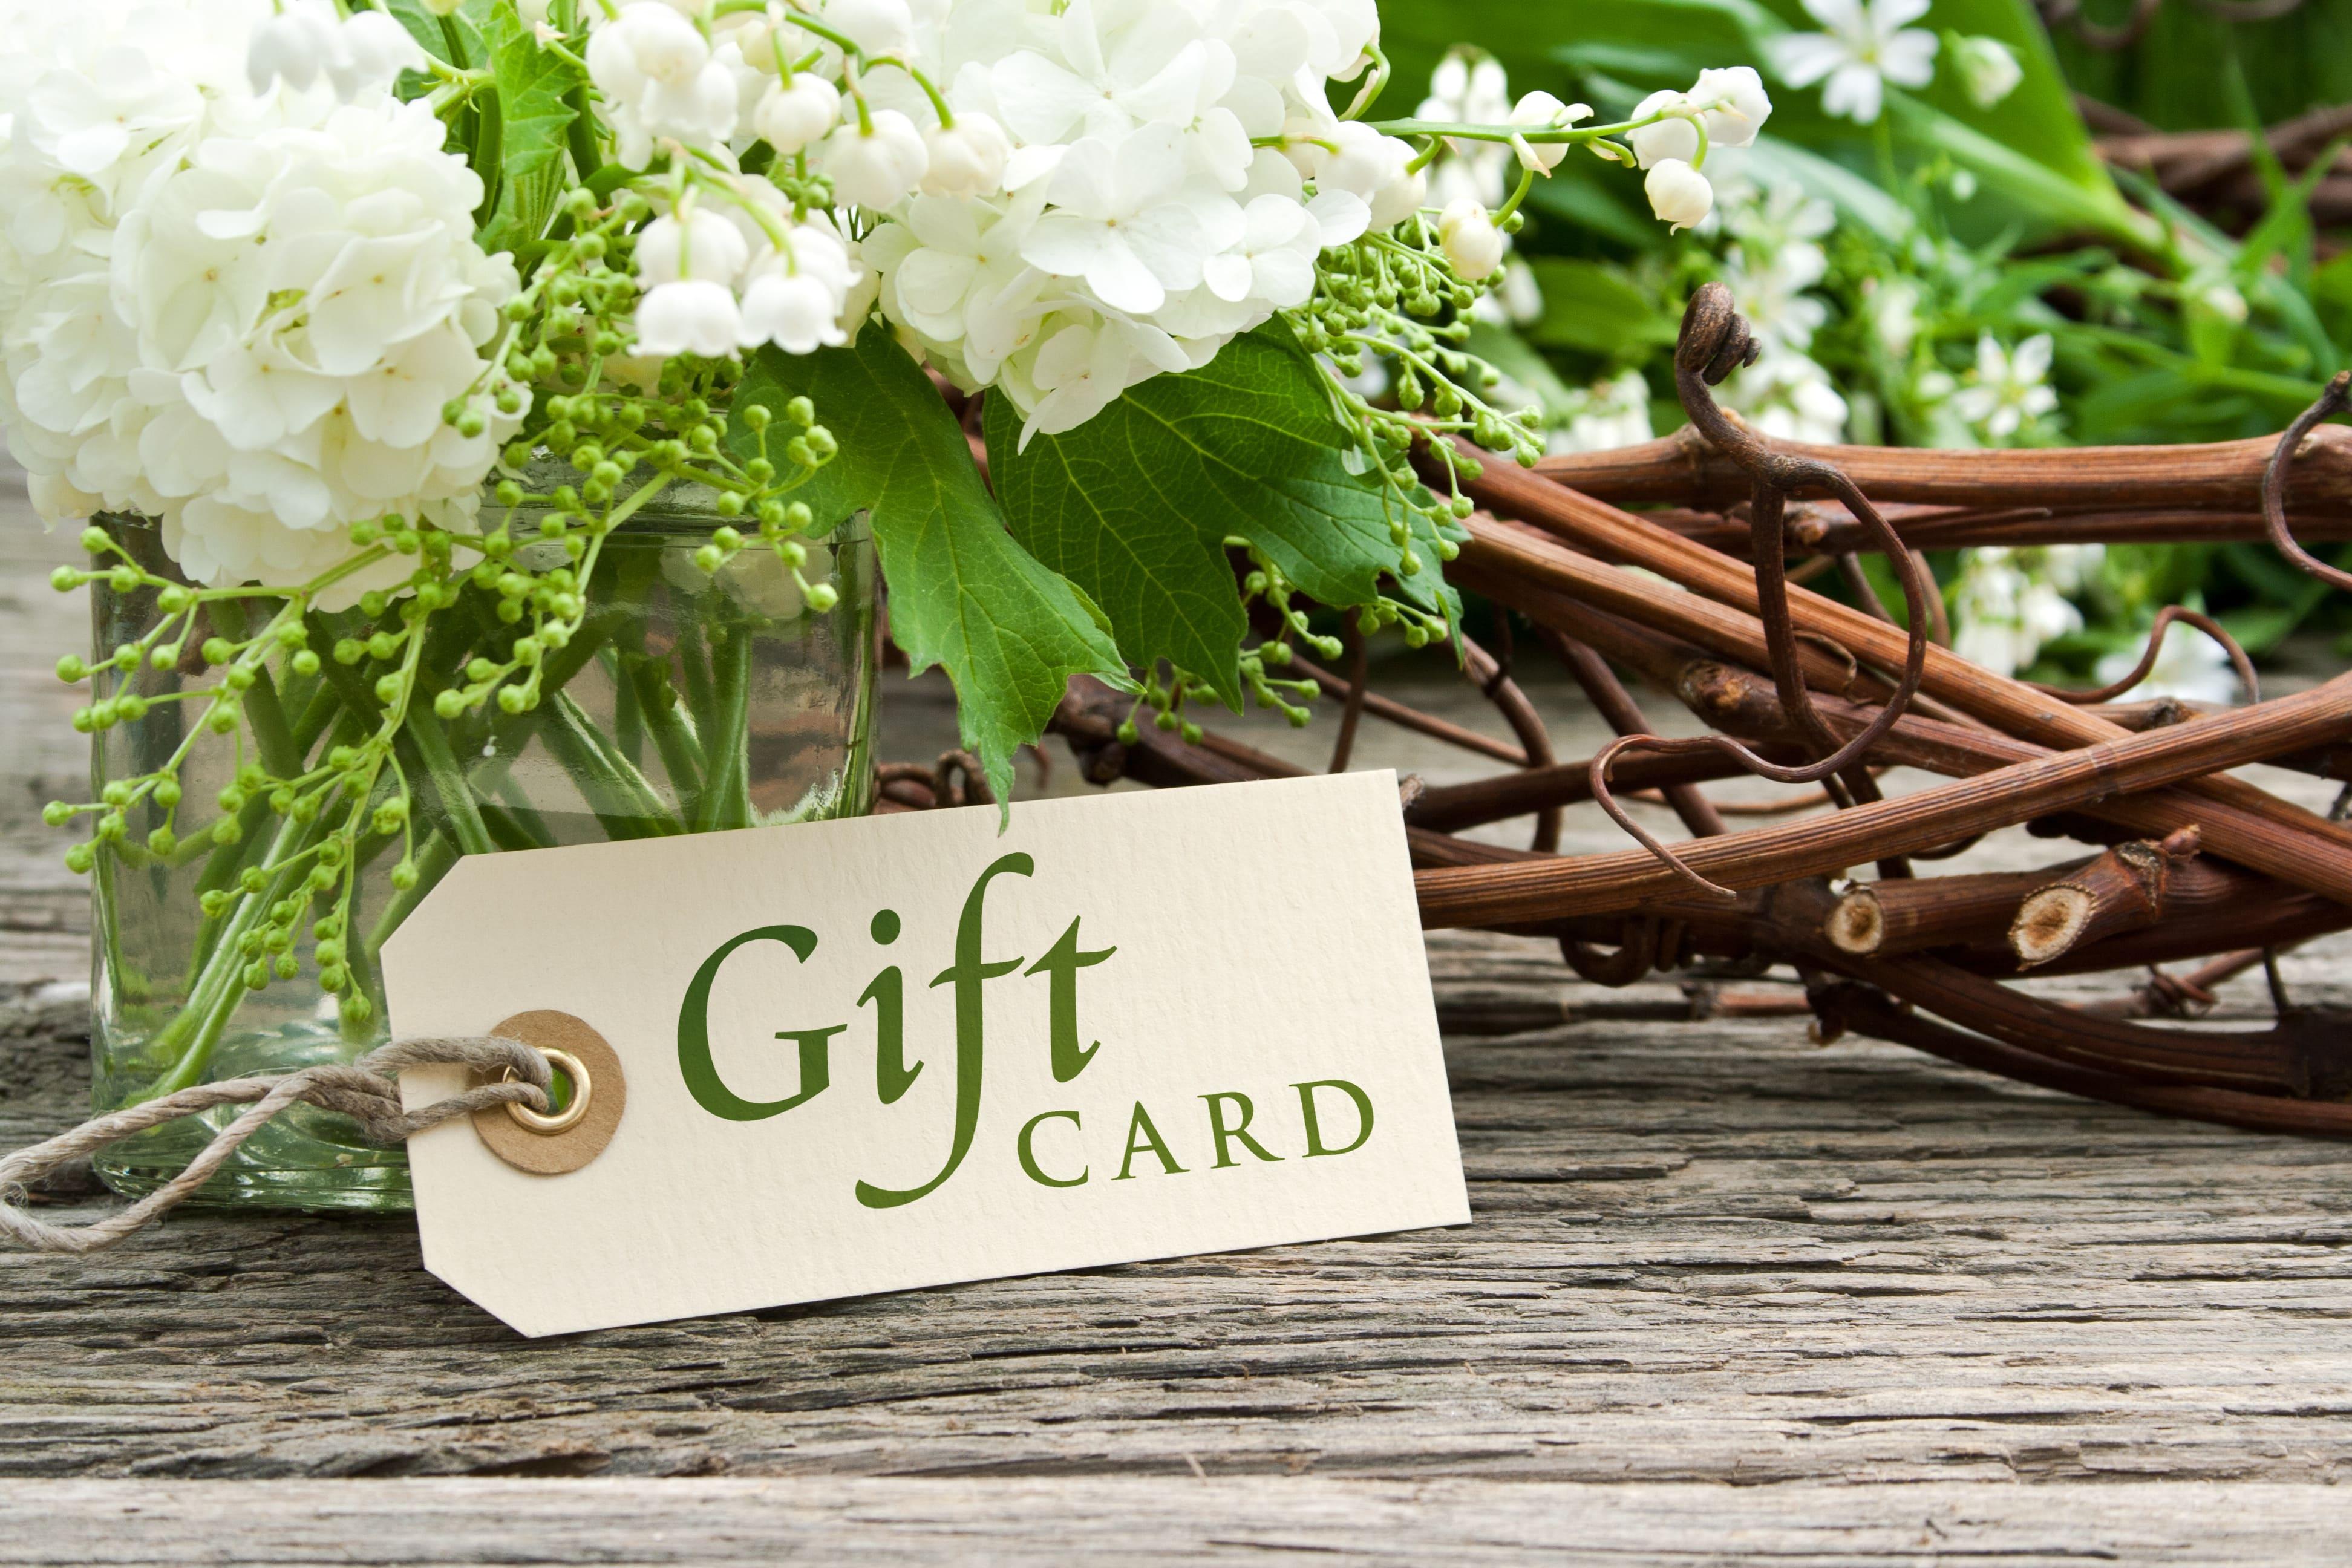 ギフトカード(Gift CARD)